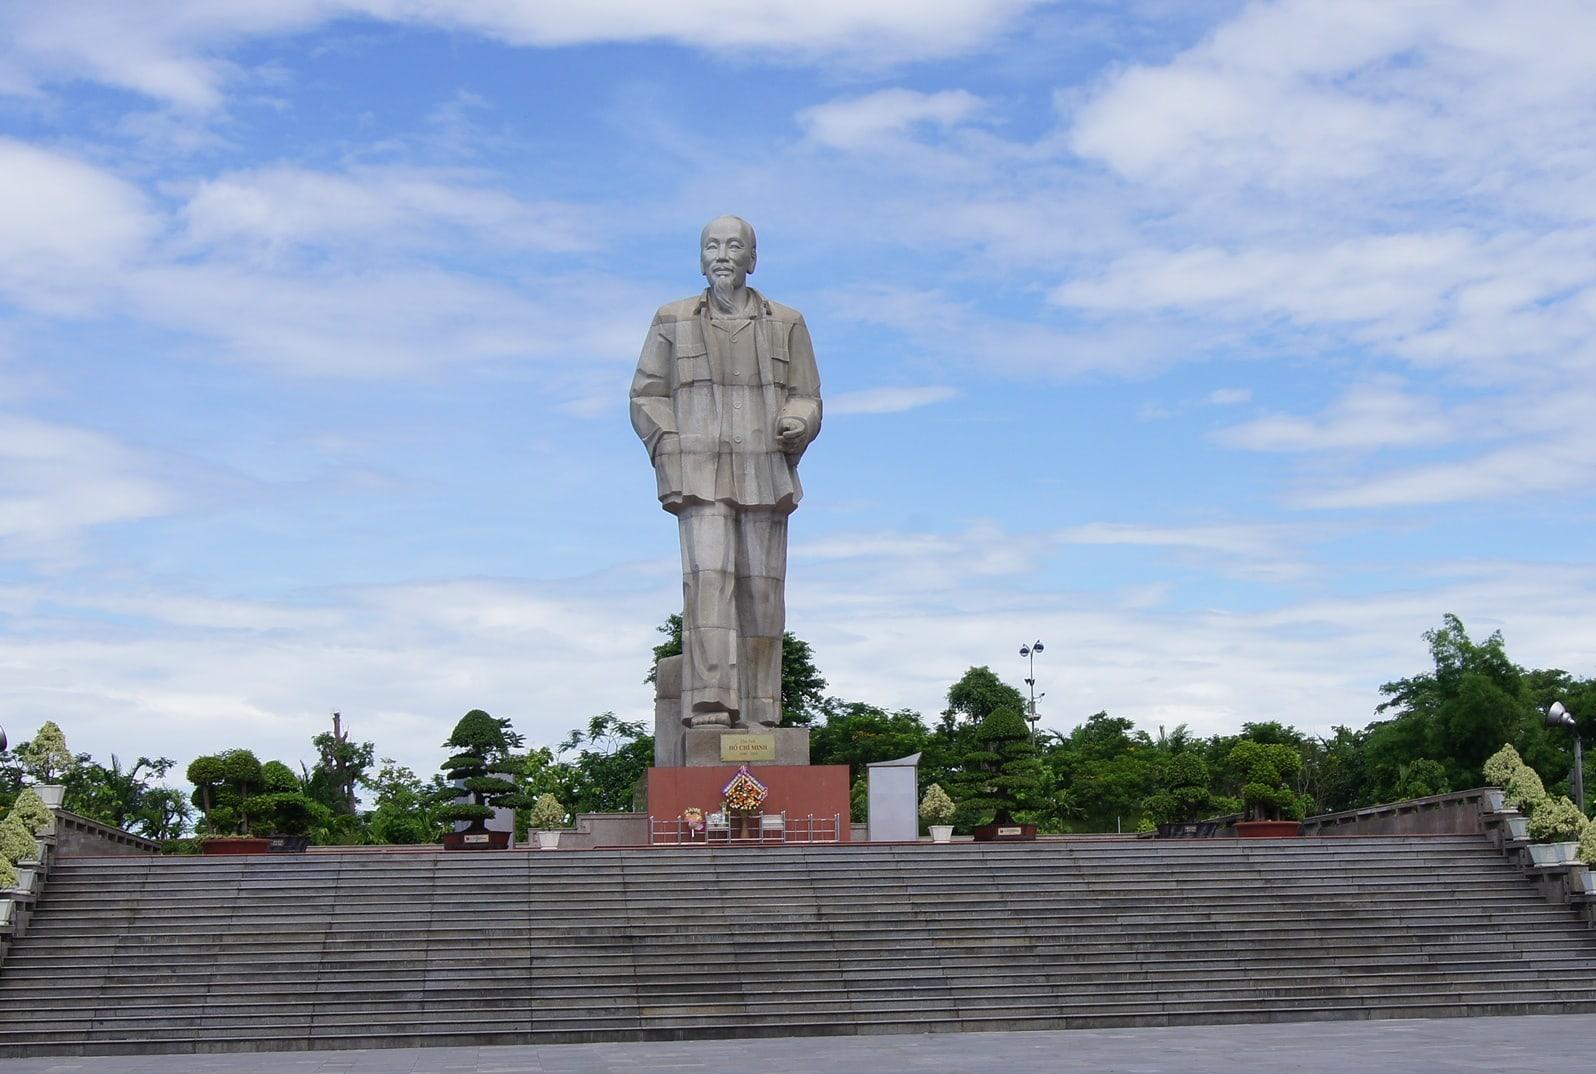 Bán nhớt Repsol chất lượng cao tại Nghệ An